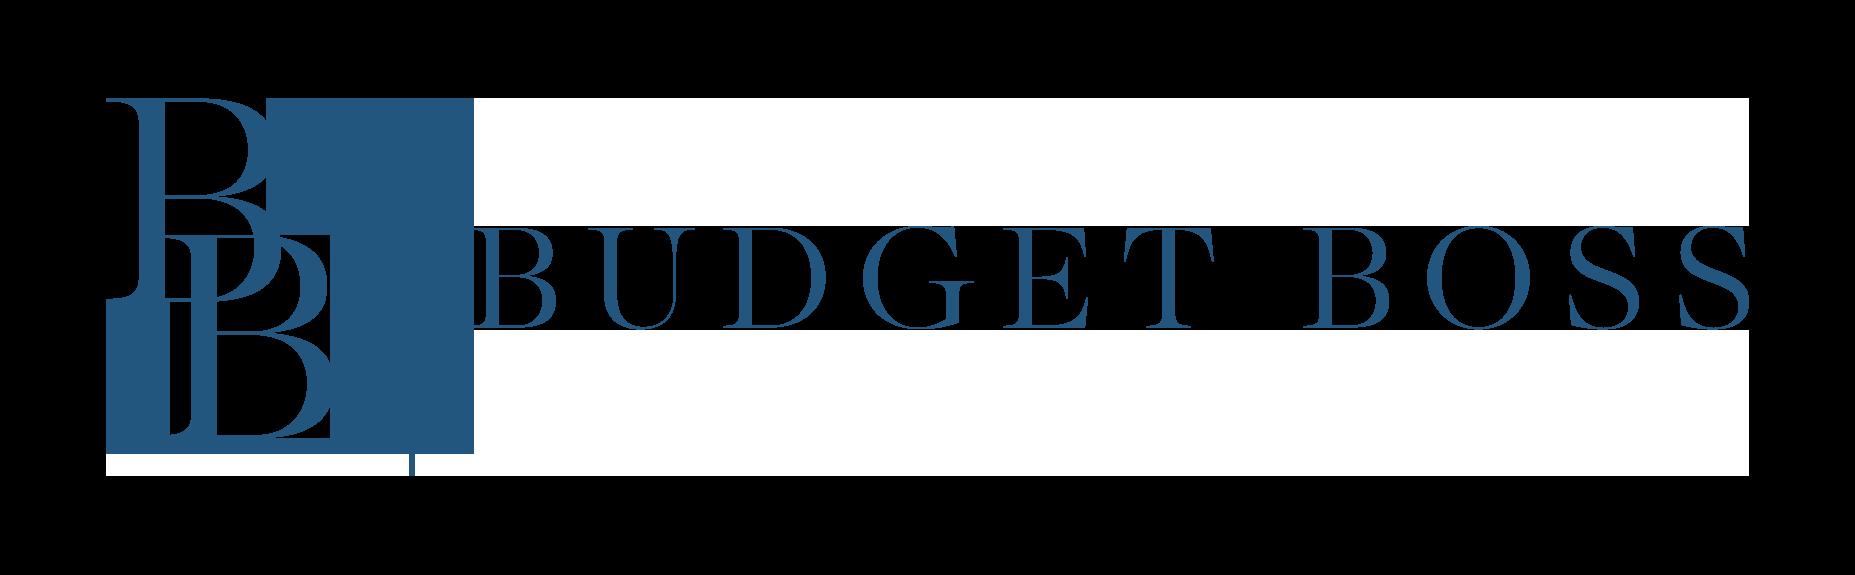 Budget Boss Logo